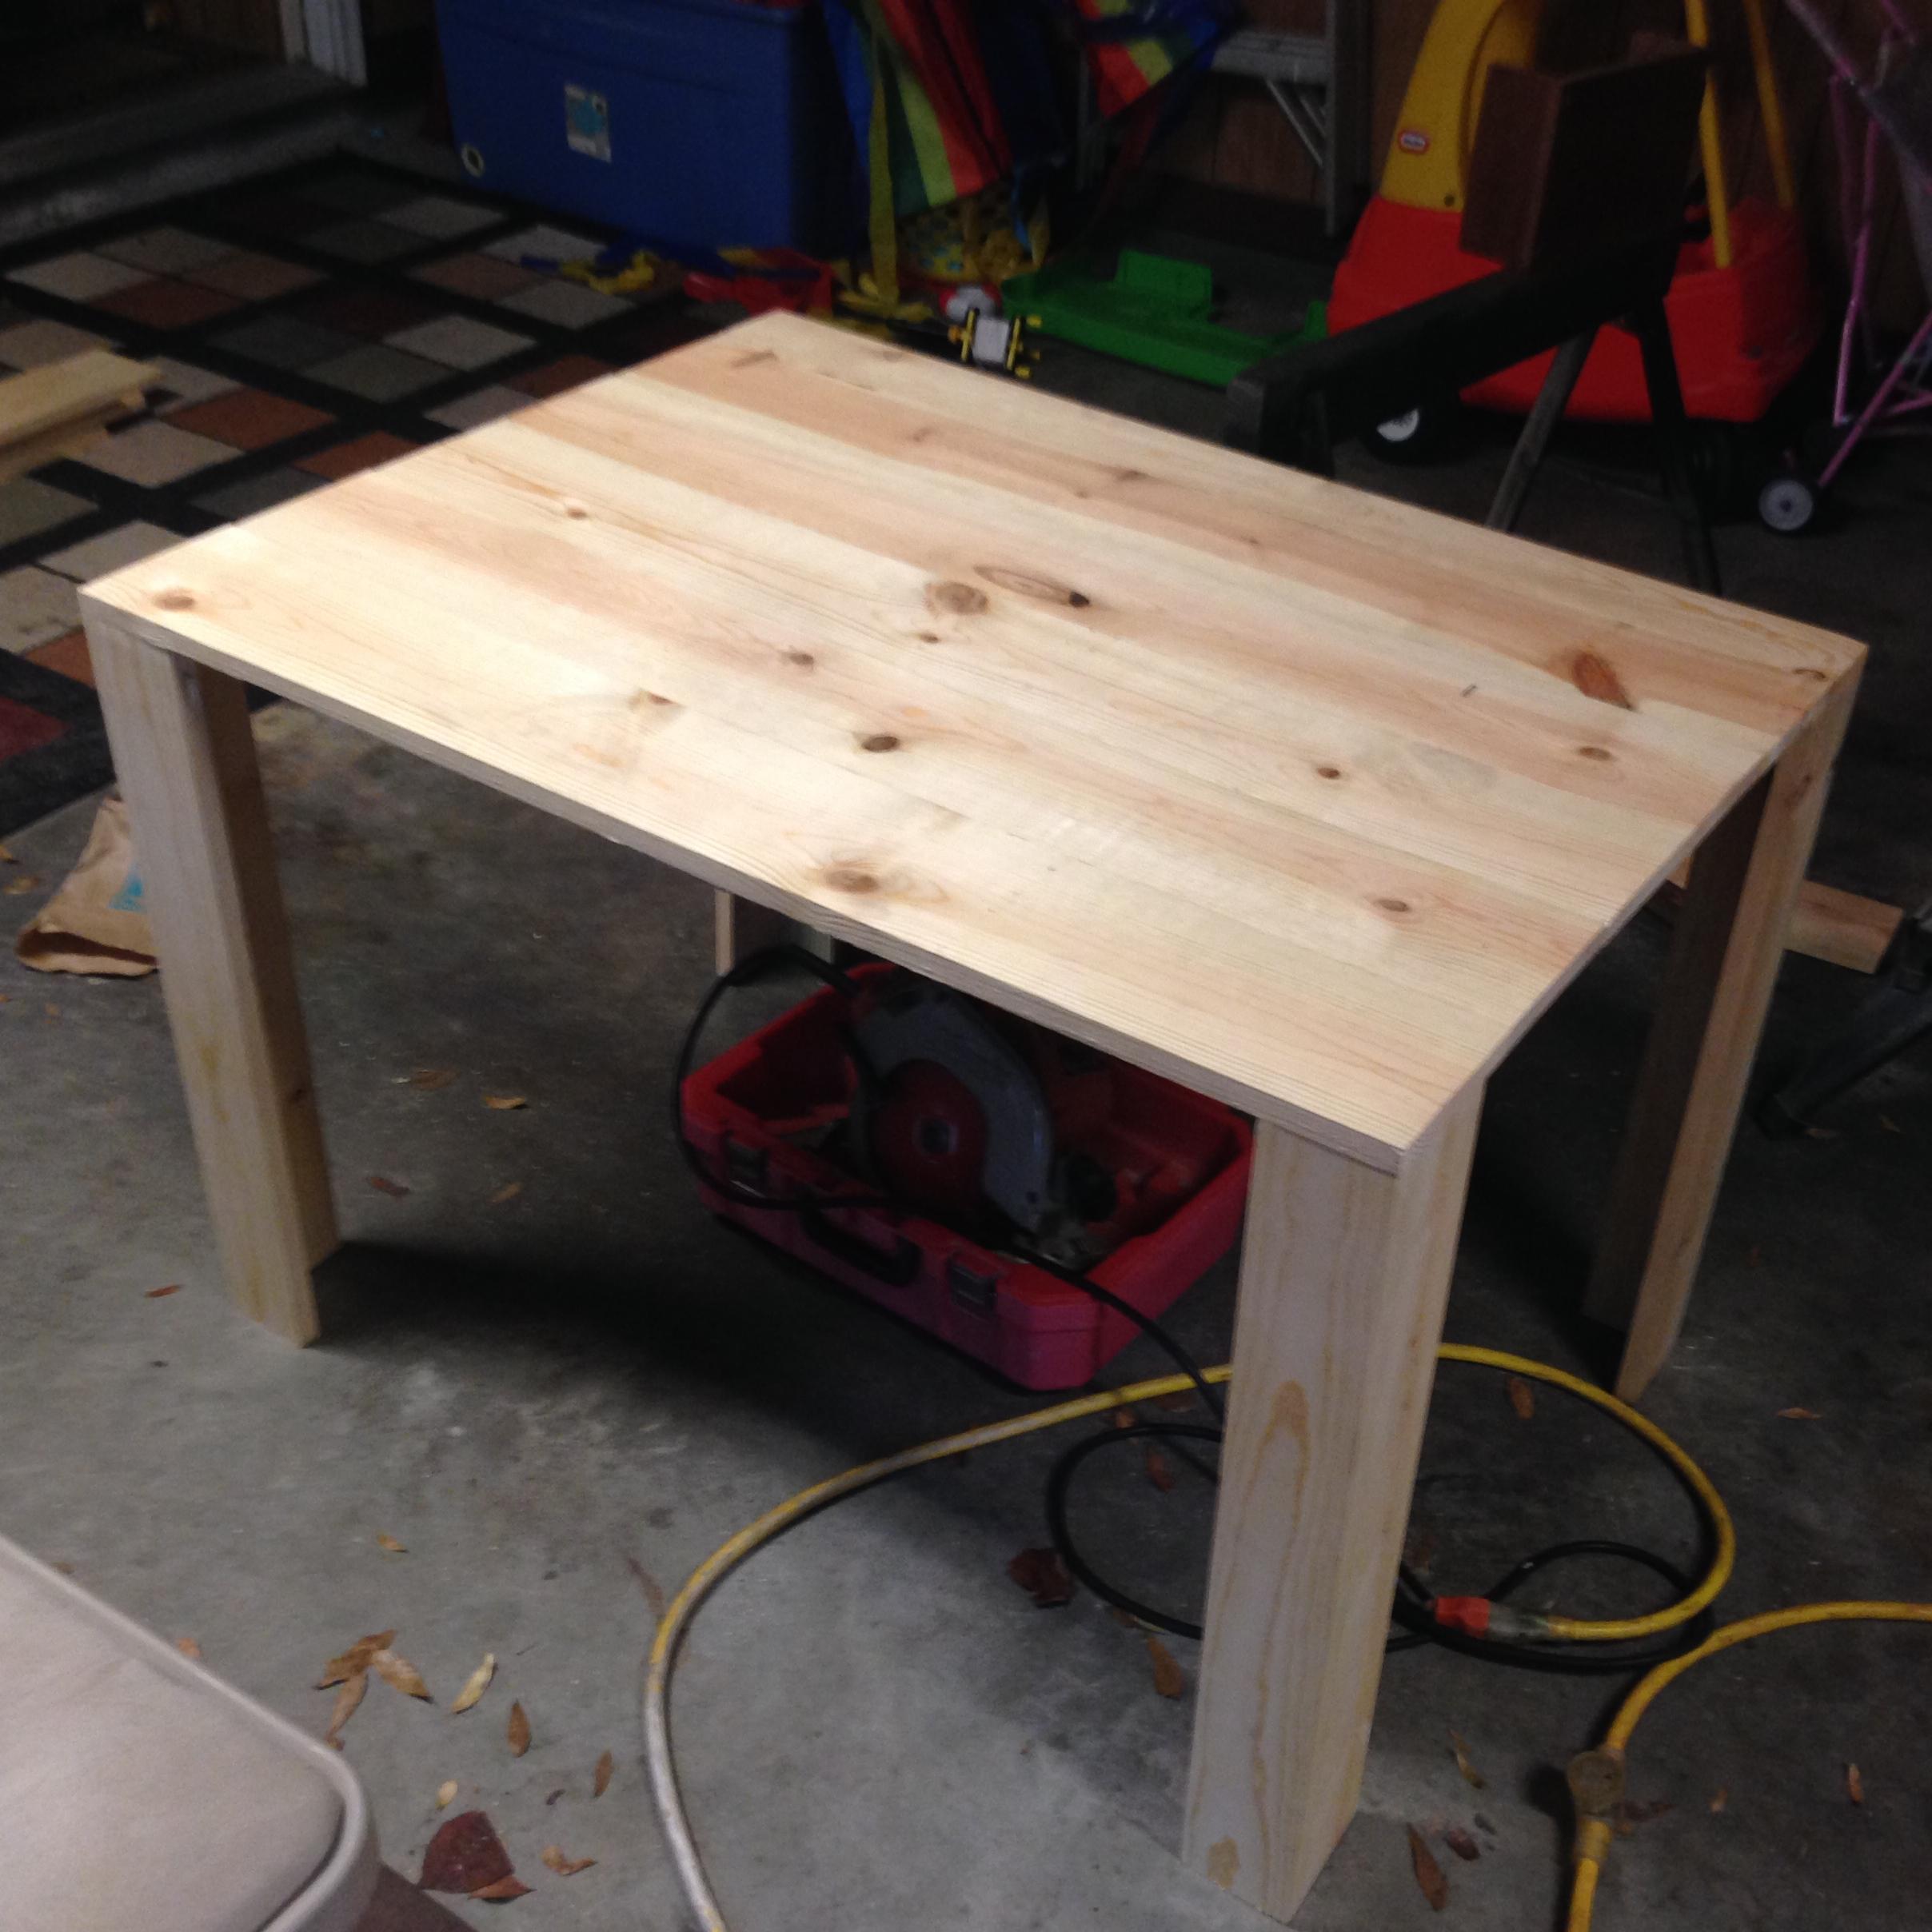 Operation Desk: DIY Desk And Shelves